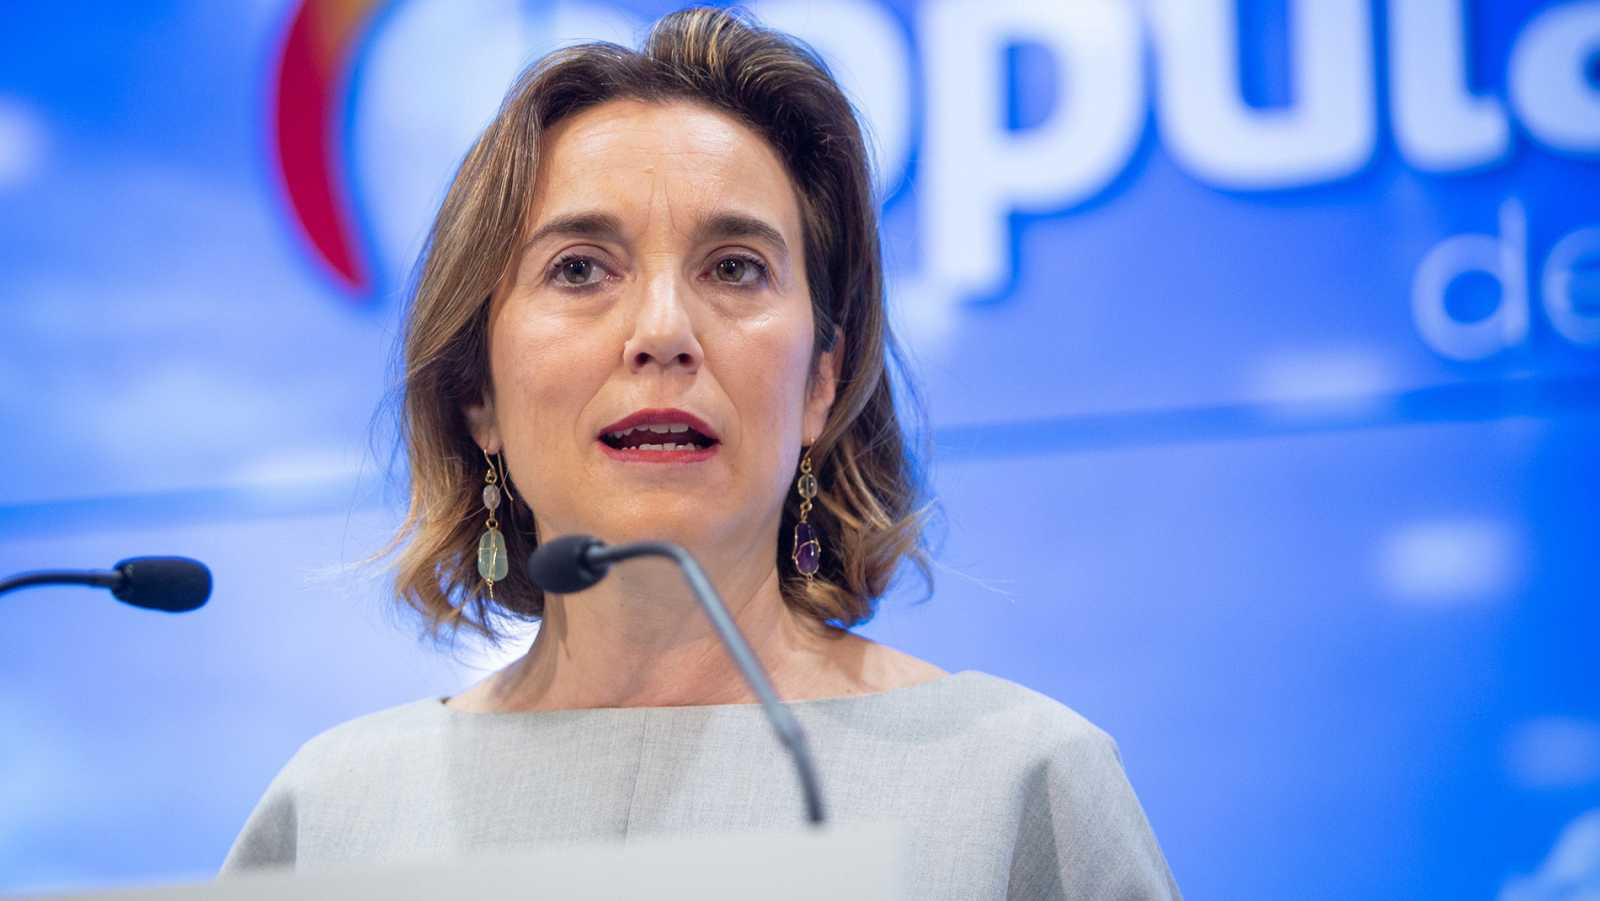 El PP pide que el CIS se someta a una auditoría de expertos internacionales - Ver ahora